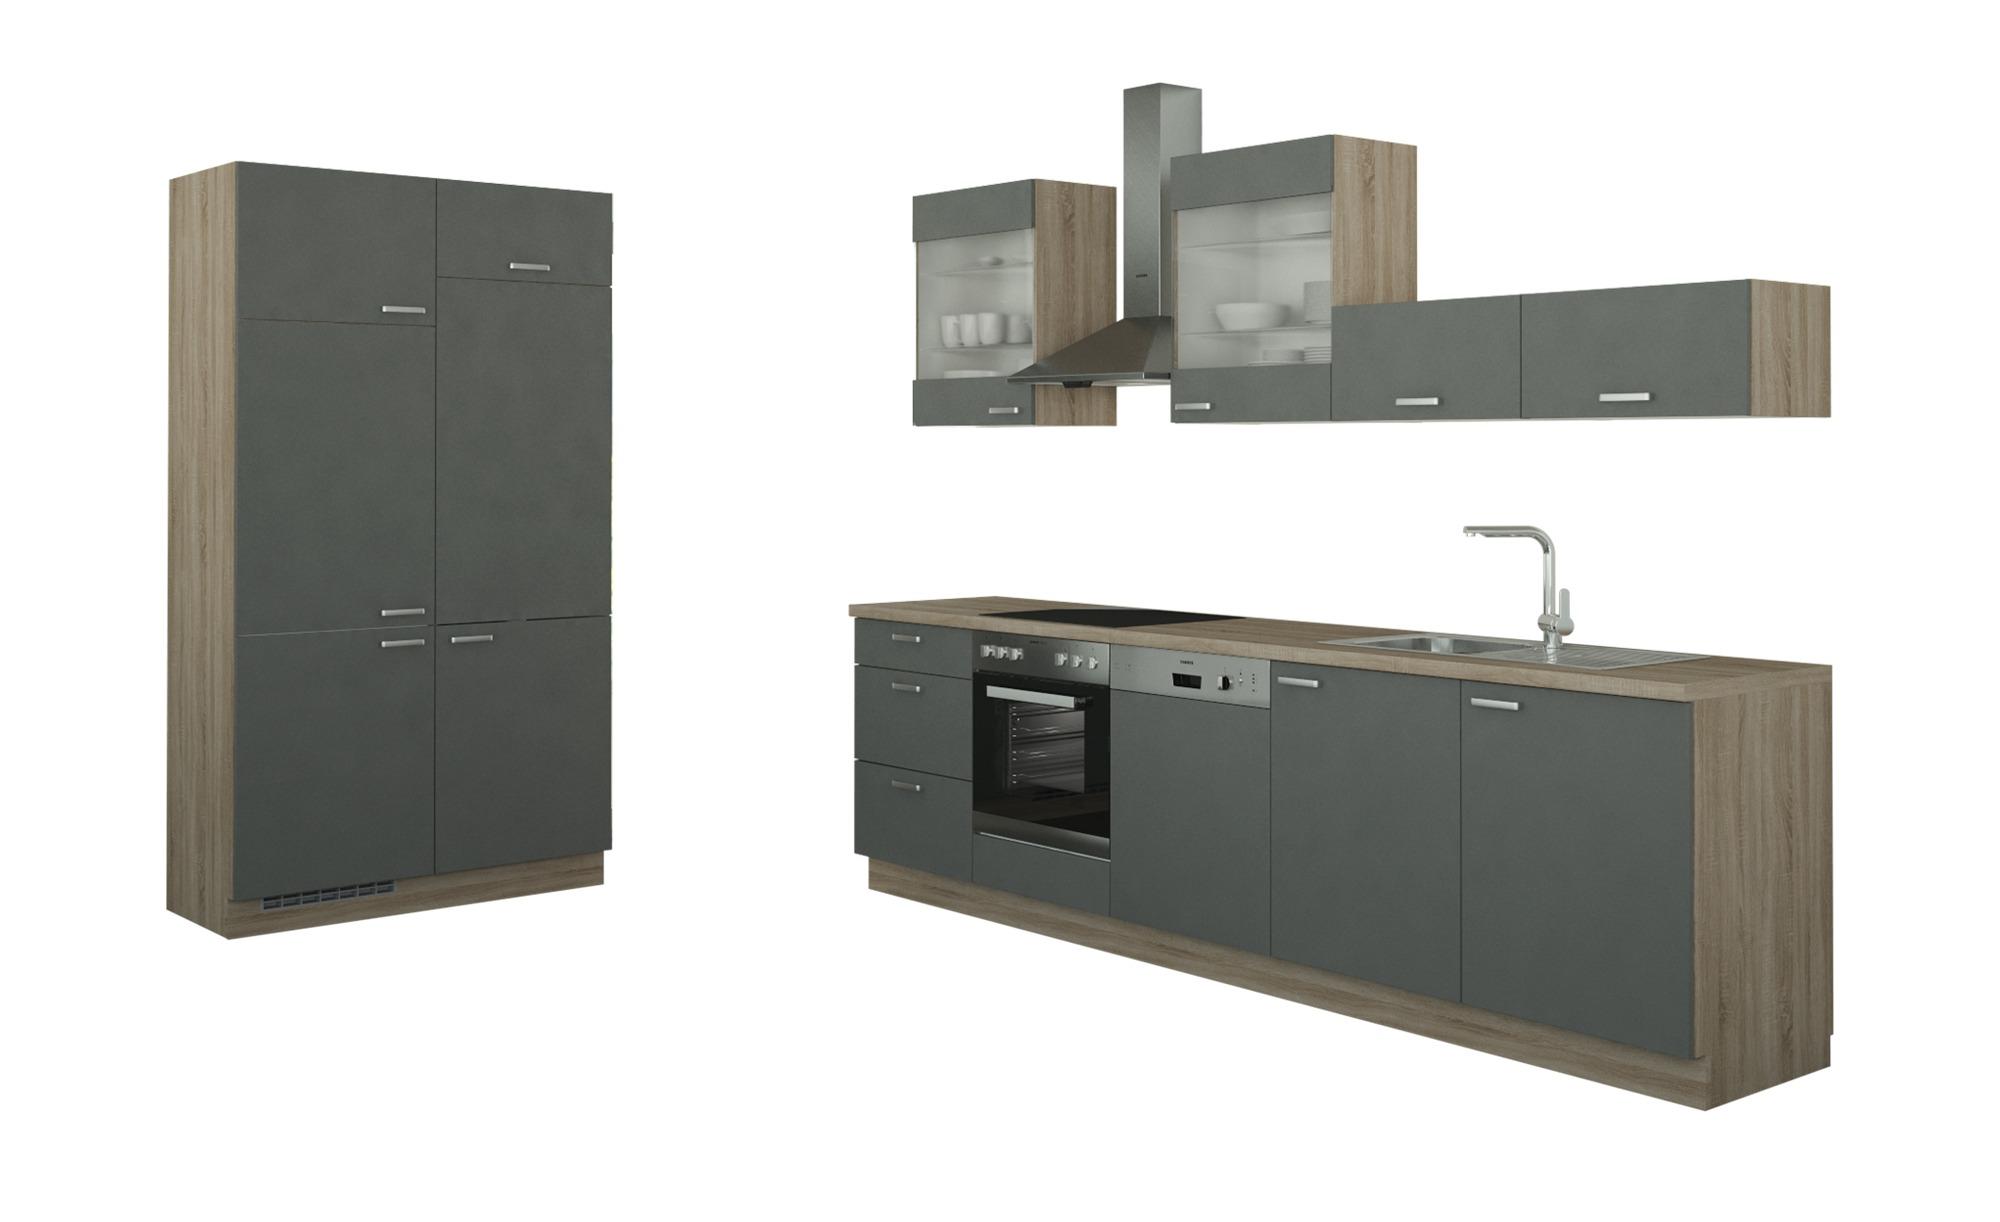 Küchenzeile Ohne Elektrogeräte Potsdam Anthrazit Bergeiche